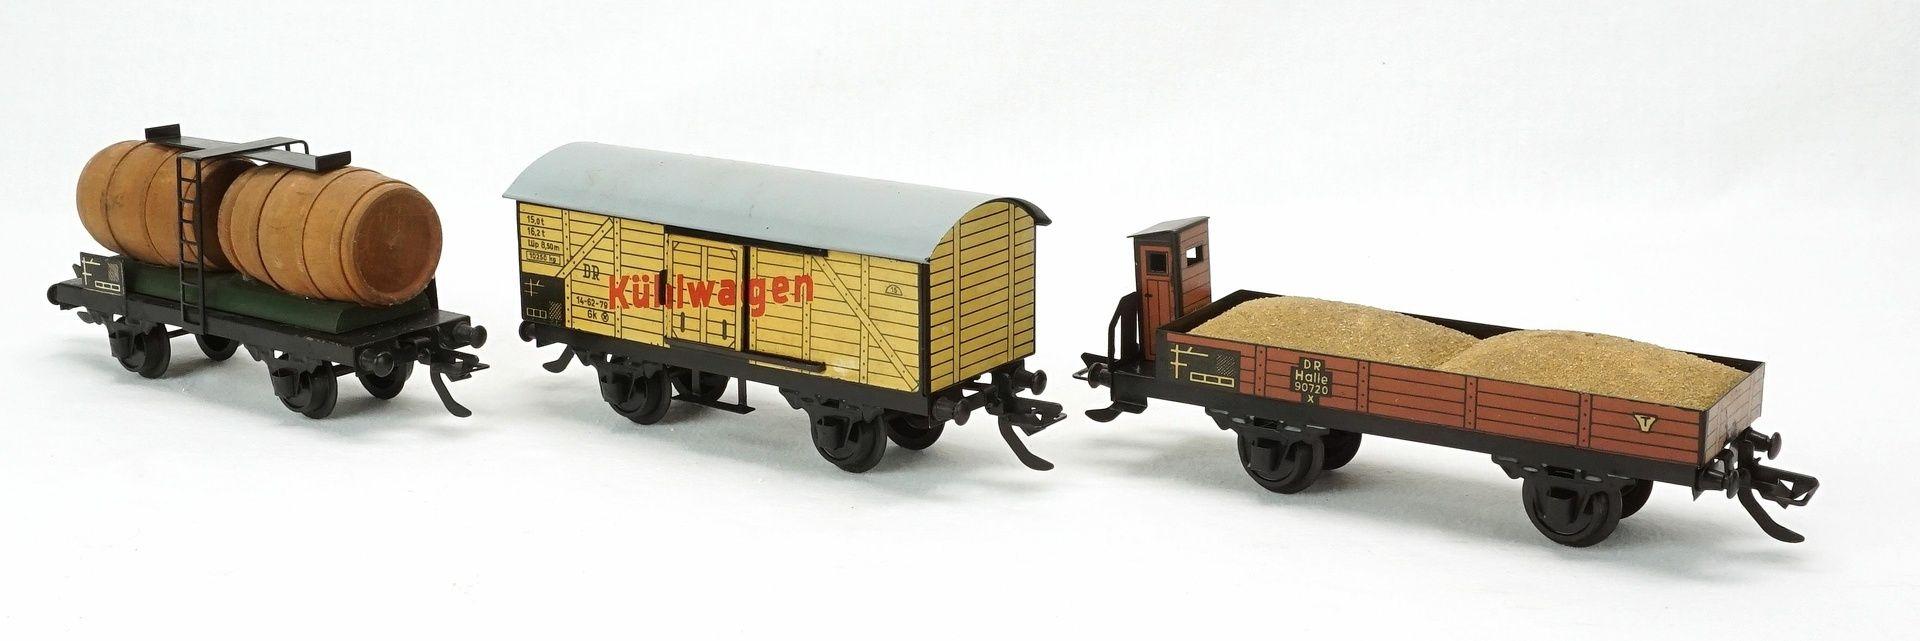 Fünf Zeuke Bahnen Personen- und Güterwagen, Spur 0, 2. Hälfte 20. Jh. - Bild 5 aus 5